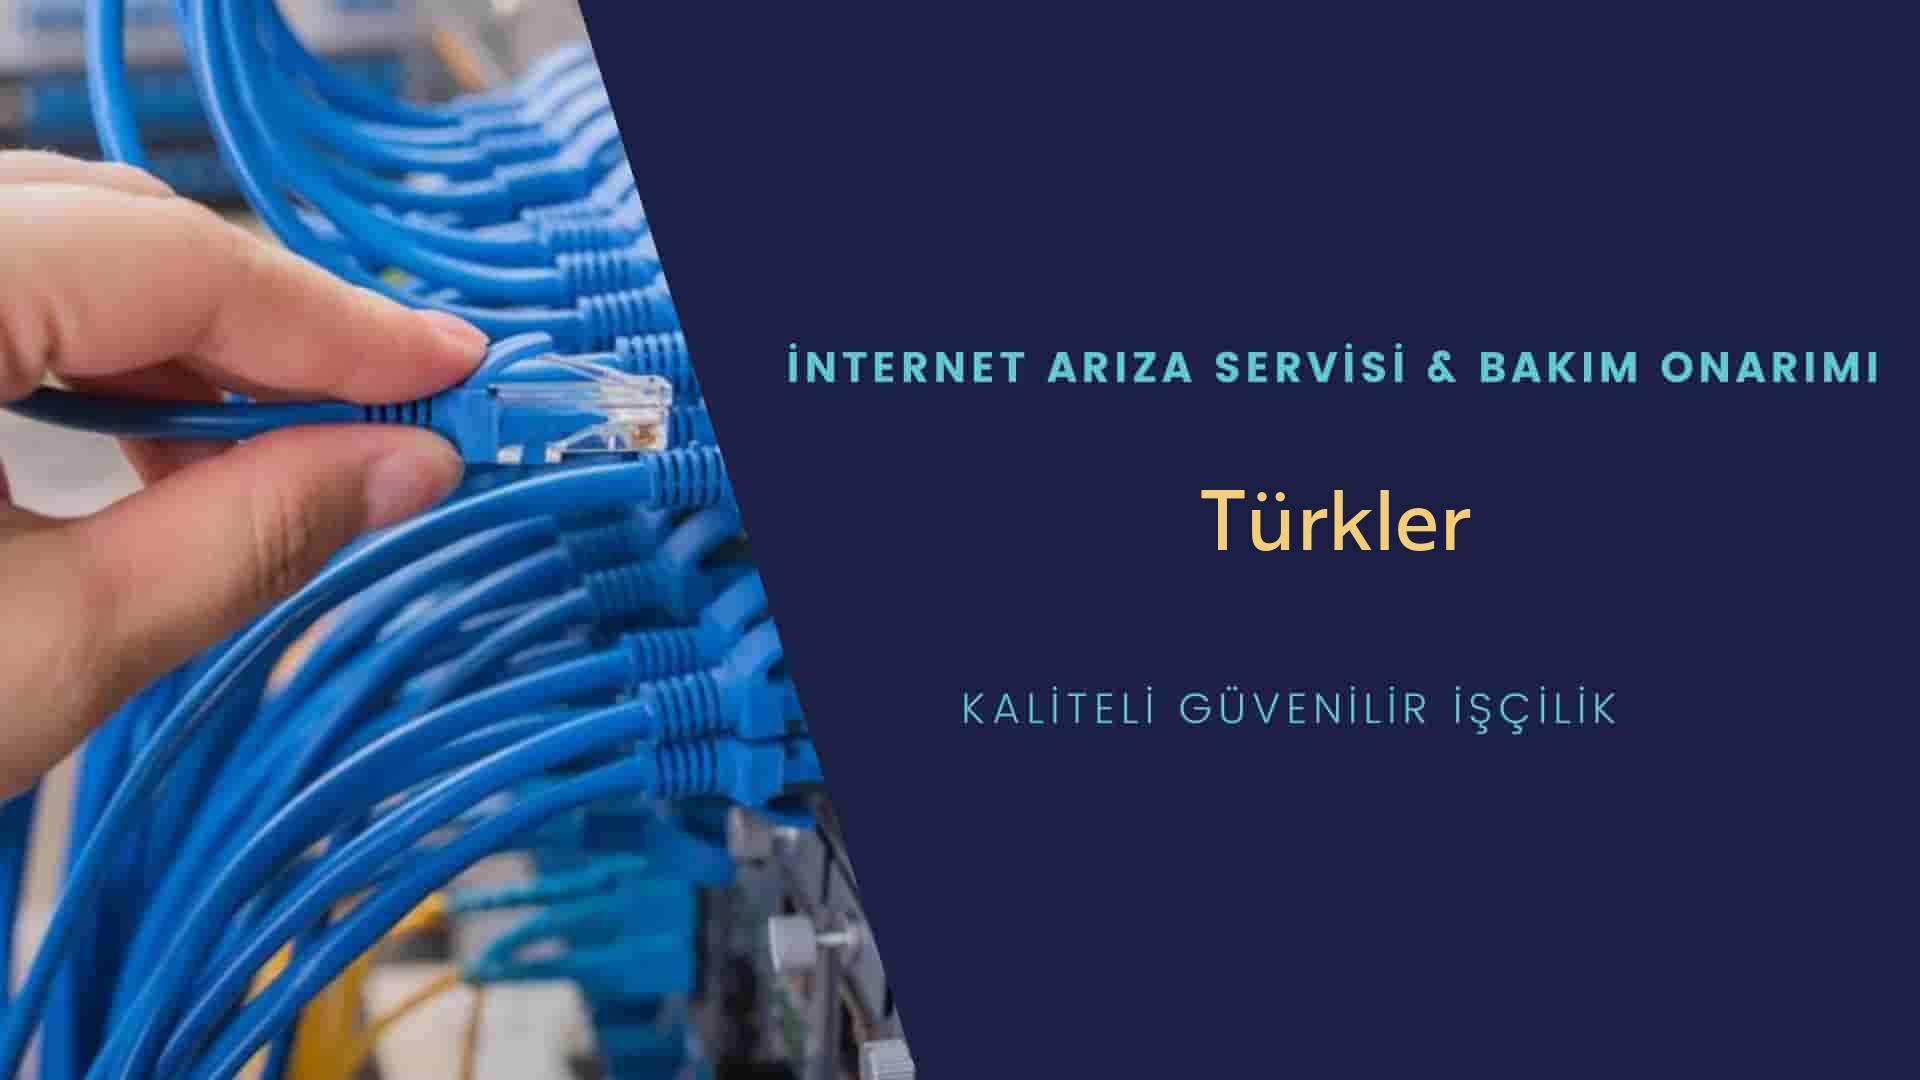 Türkler internet kablosu çekimi yapan yerler veya elektrikçiler mi? arıyorsunuz doğru yerdesiniz o zaman sizlere 7/24 yardımcı olacak profesyonel ustalarımız bir telefon kadar yakındır size.